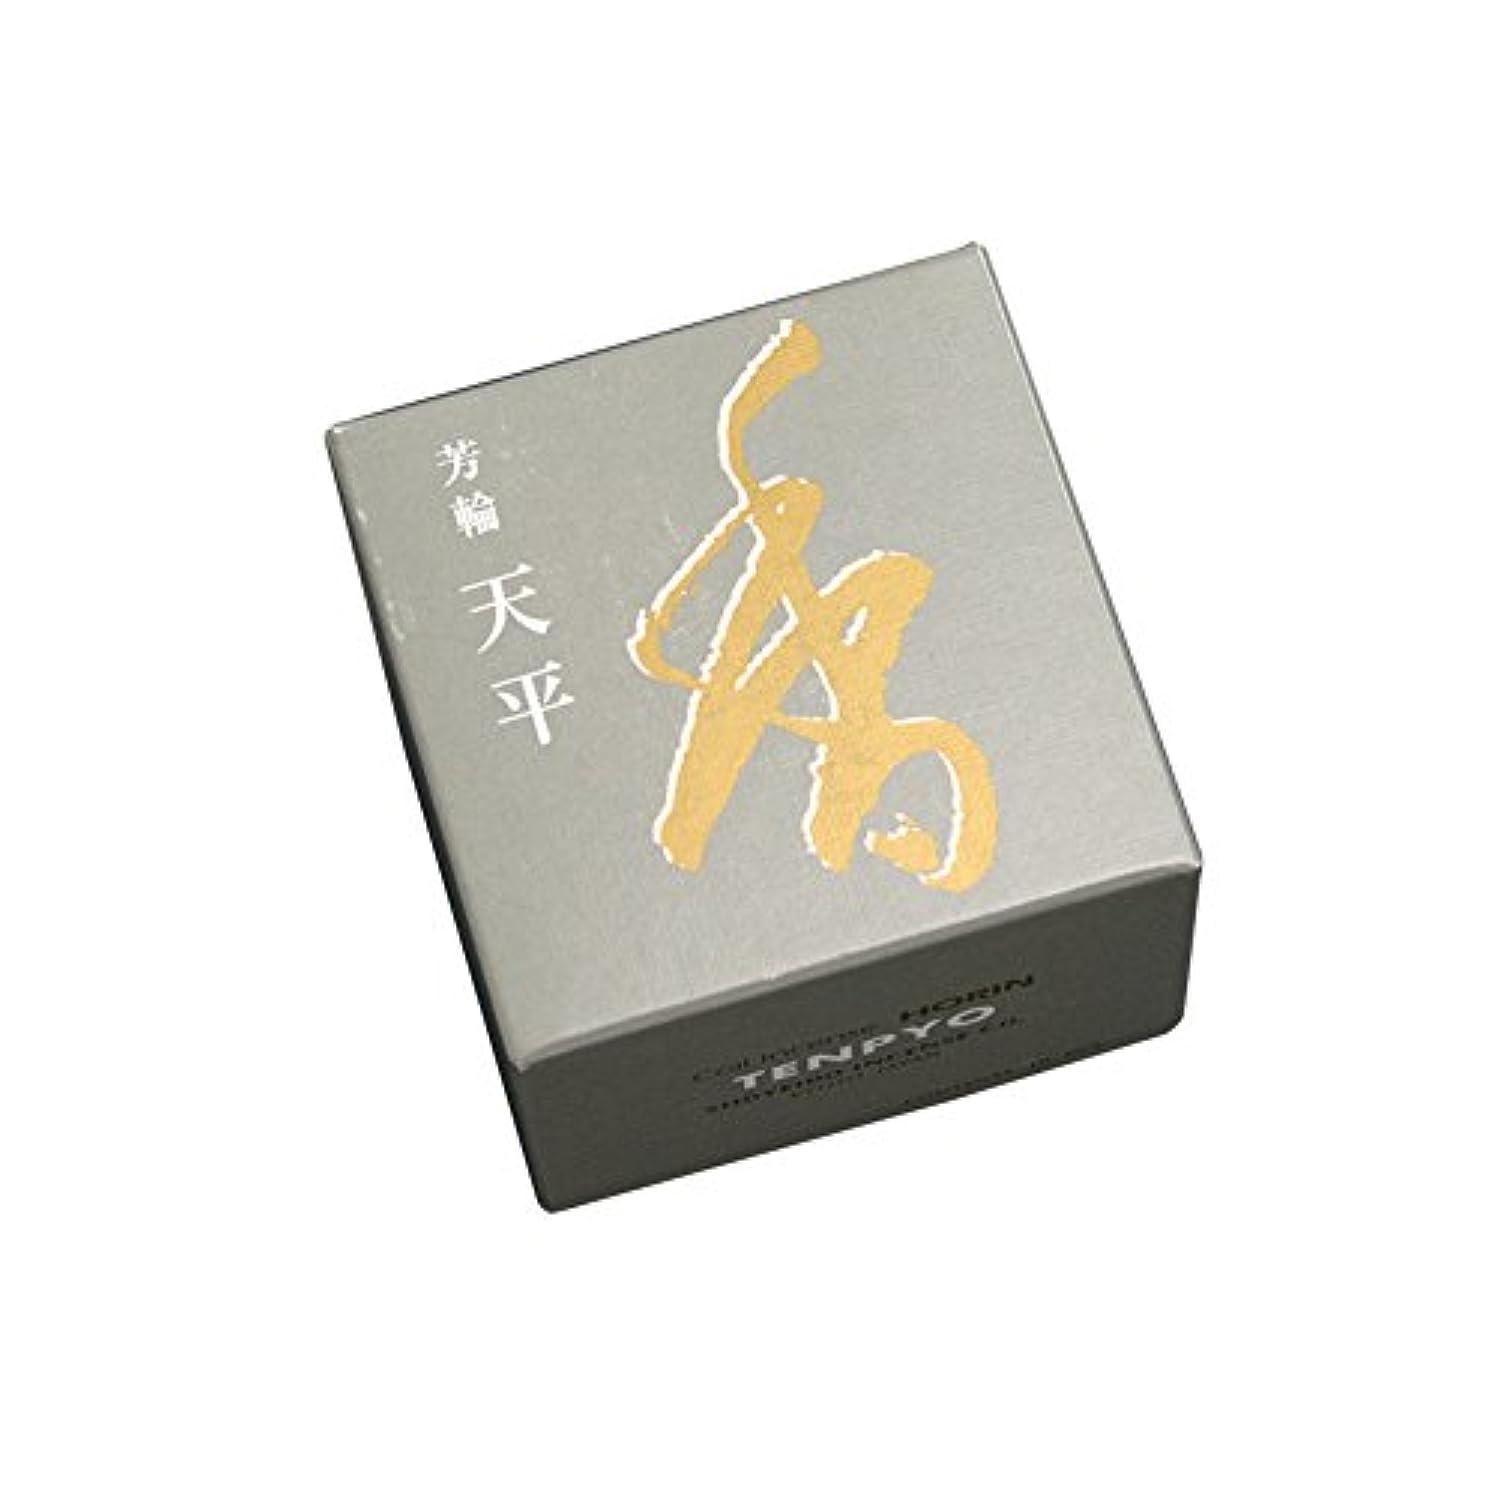 瞑想失業欠陥松栄堂のお香 芳輪天平 渦巻型10枚入 うてな角型付 #210521